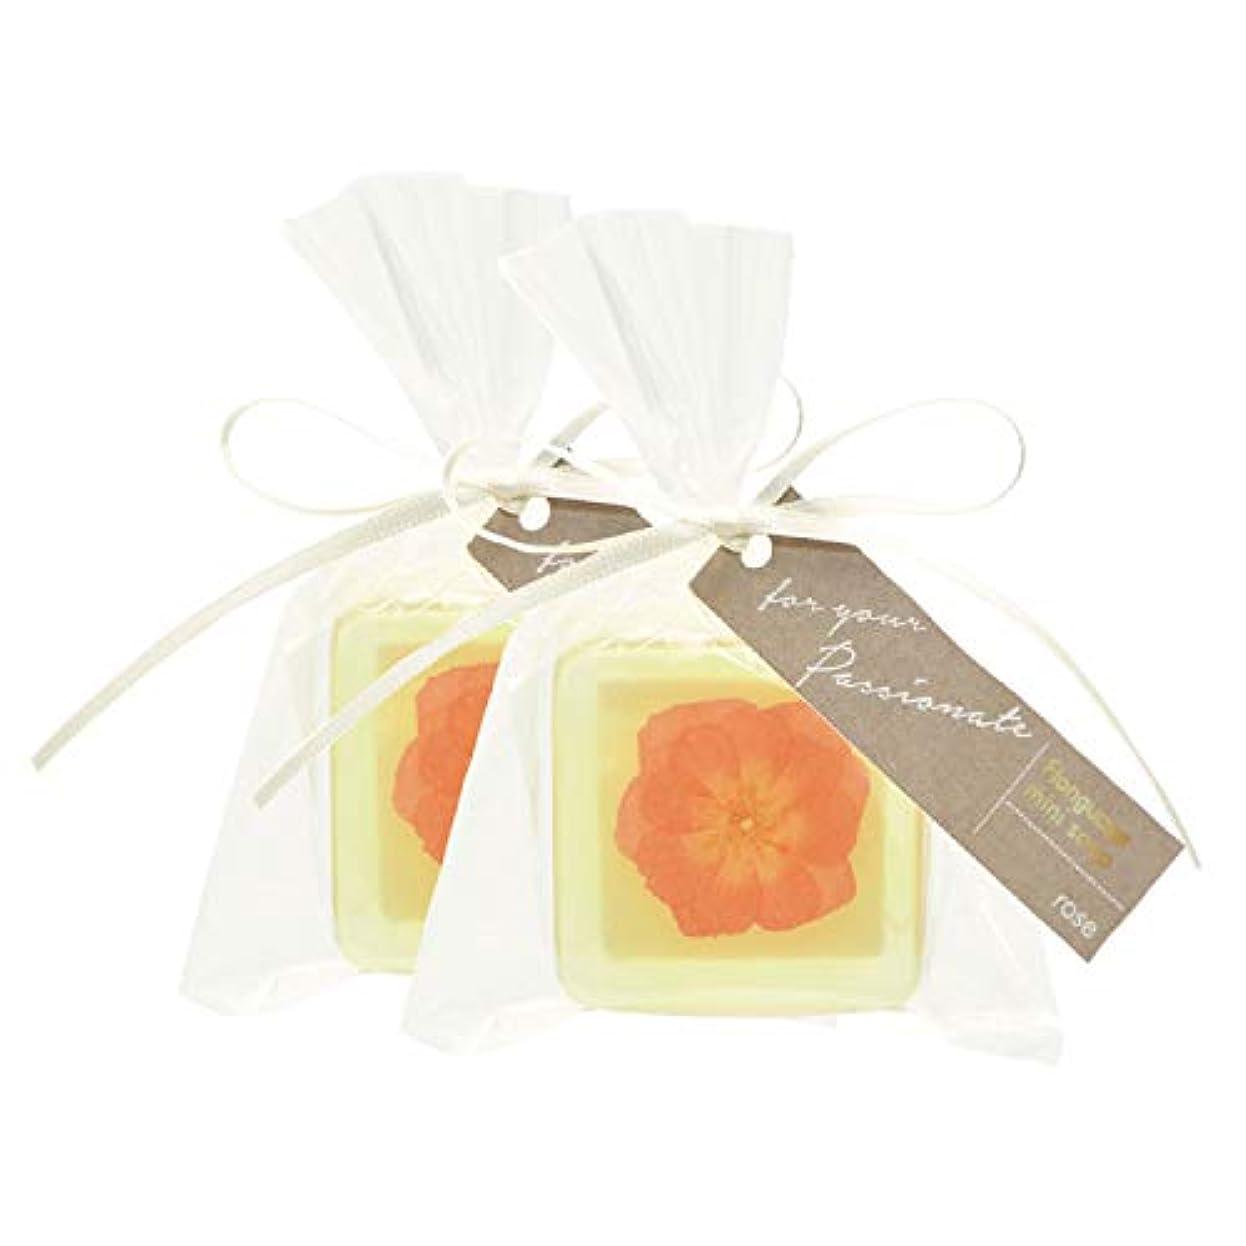 テスト二度合体ノルコーポレーション 石けん フランゲージ ミニソープ 2個セット 柑橘の香り OB-FMS-1-2